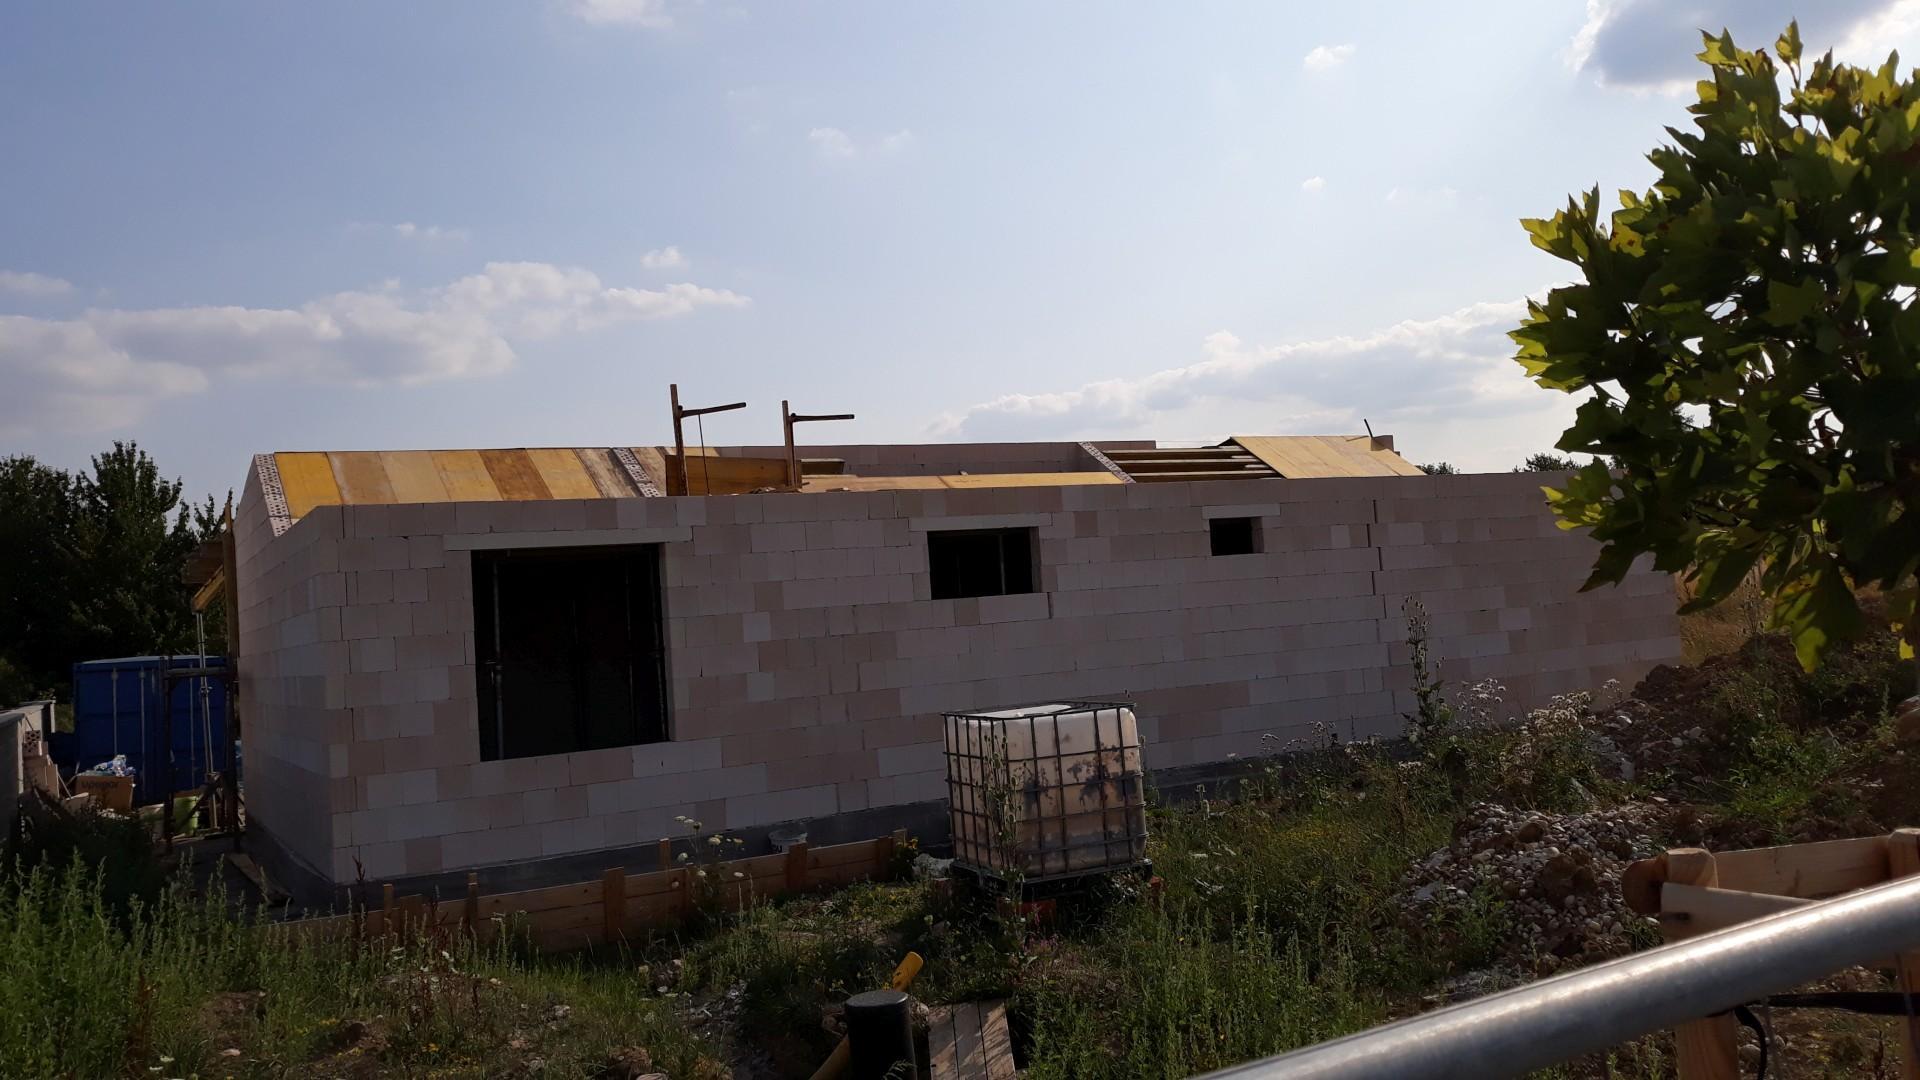 Vrchná stavba - VPC Kalksandstein murivo, zelená strecha - Pohľad zo severnej strany, žiaľ, ani po 3 a pol týždni ešte nie je debnenie kompletné... :D ale už sa to blíži, tento týždeň sa ukladá výstuž, pripravia atiky a budúci týždeň hádam elektroinštalácie v strope a chladenie.